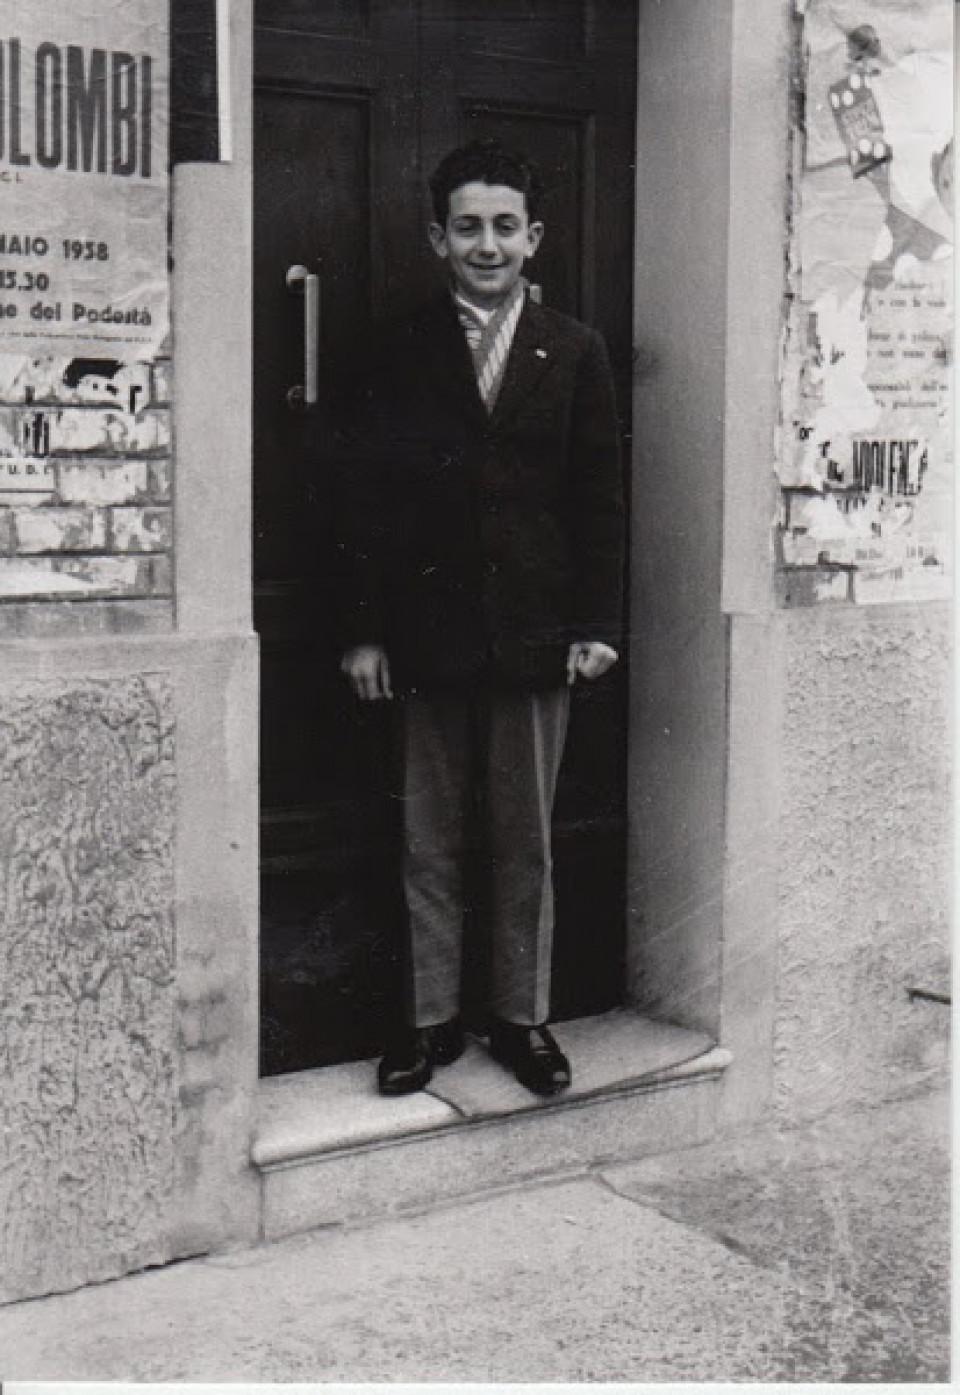 Giorgio Tamburini